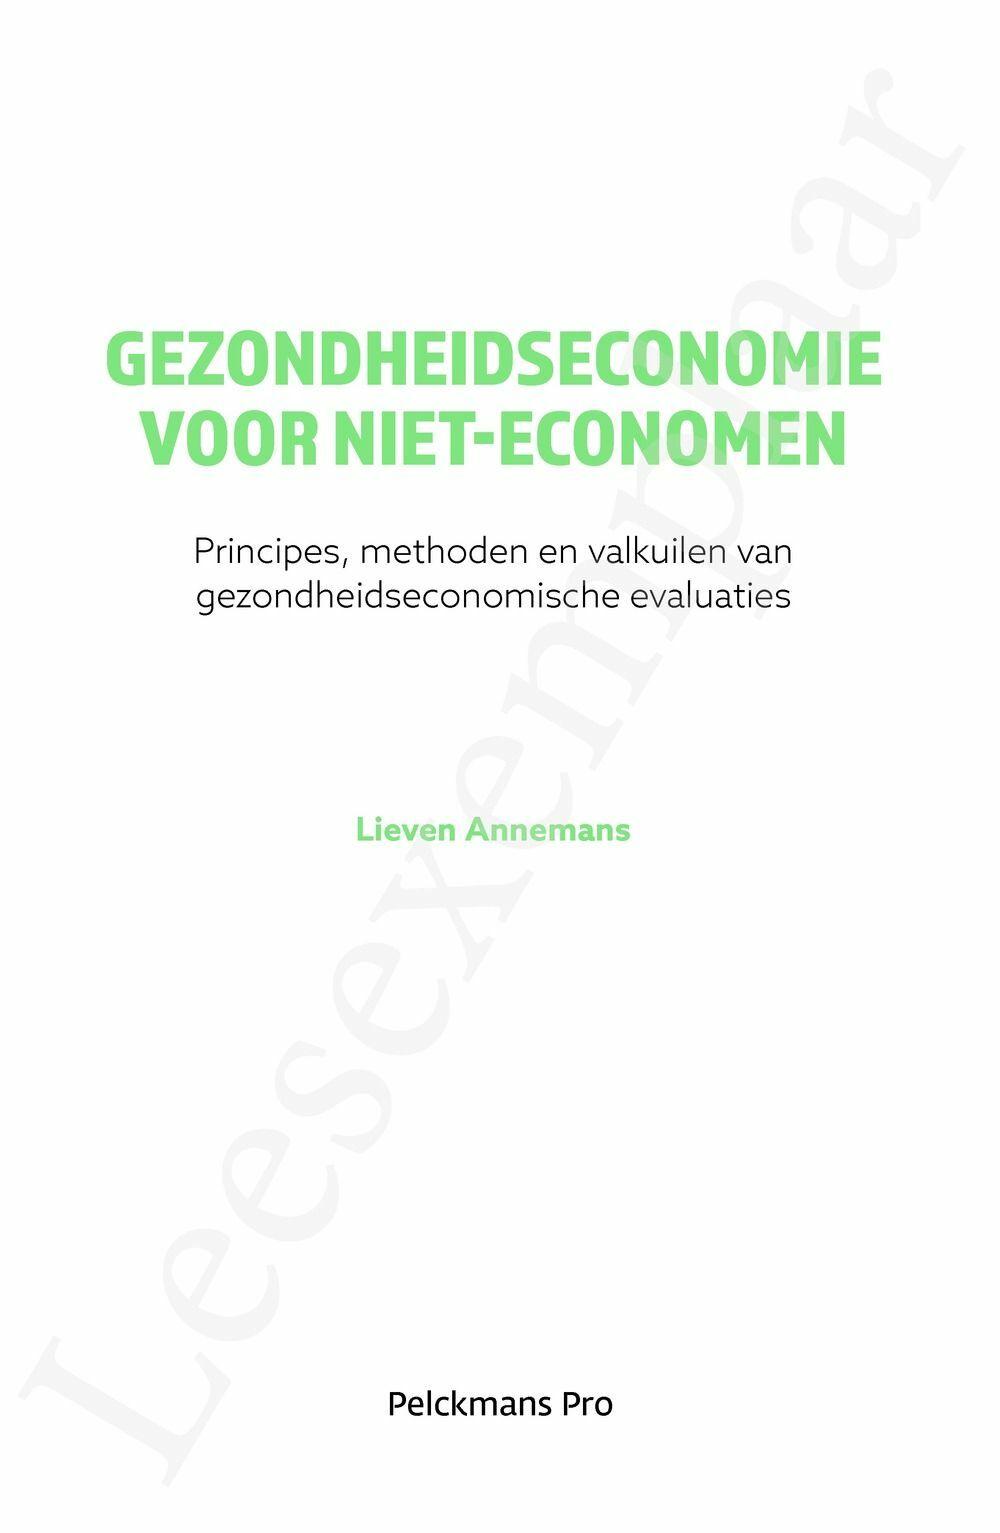 Preview: Gezondheidseconomie voor niet-economen